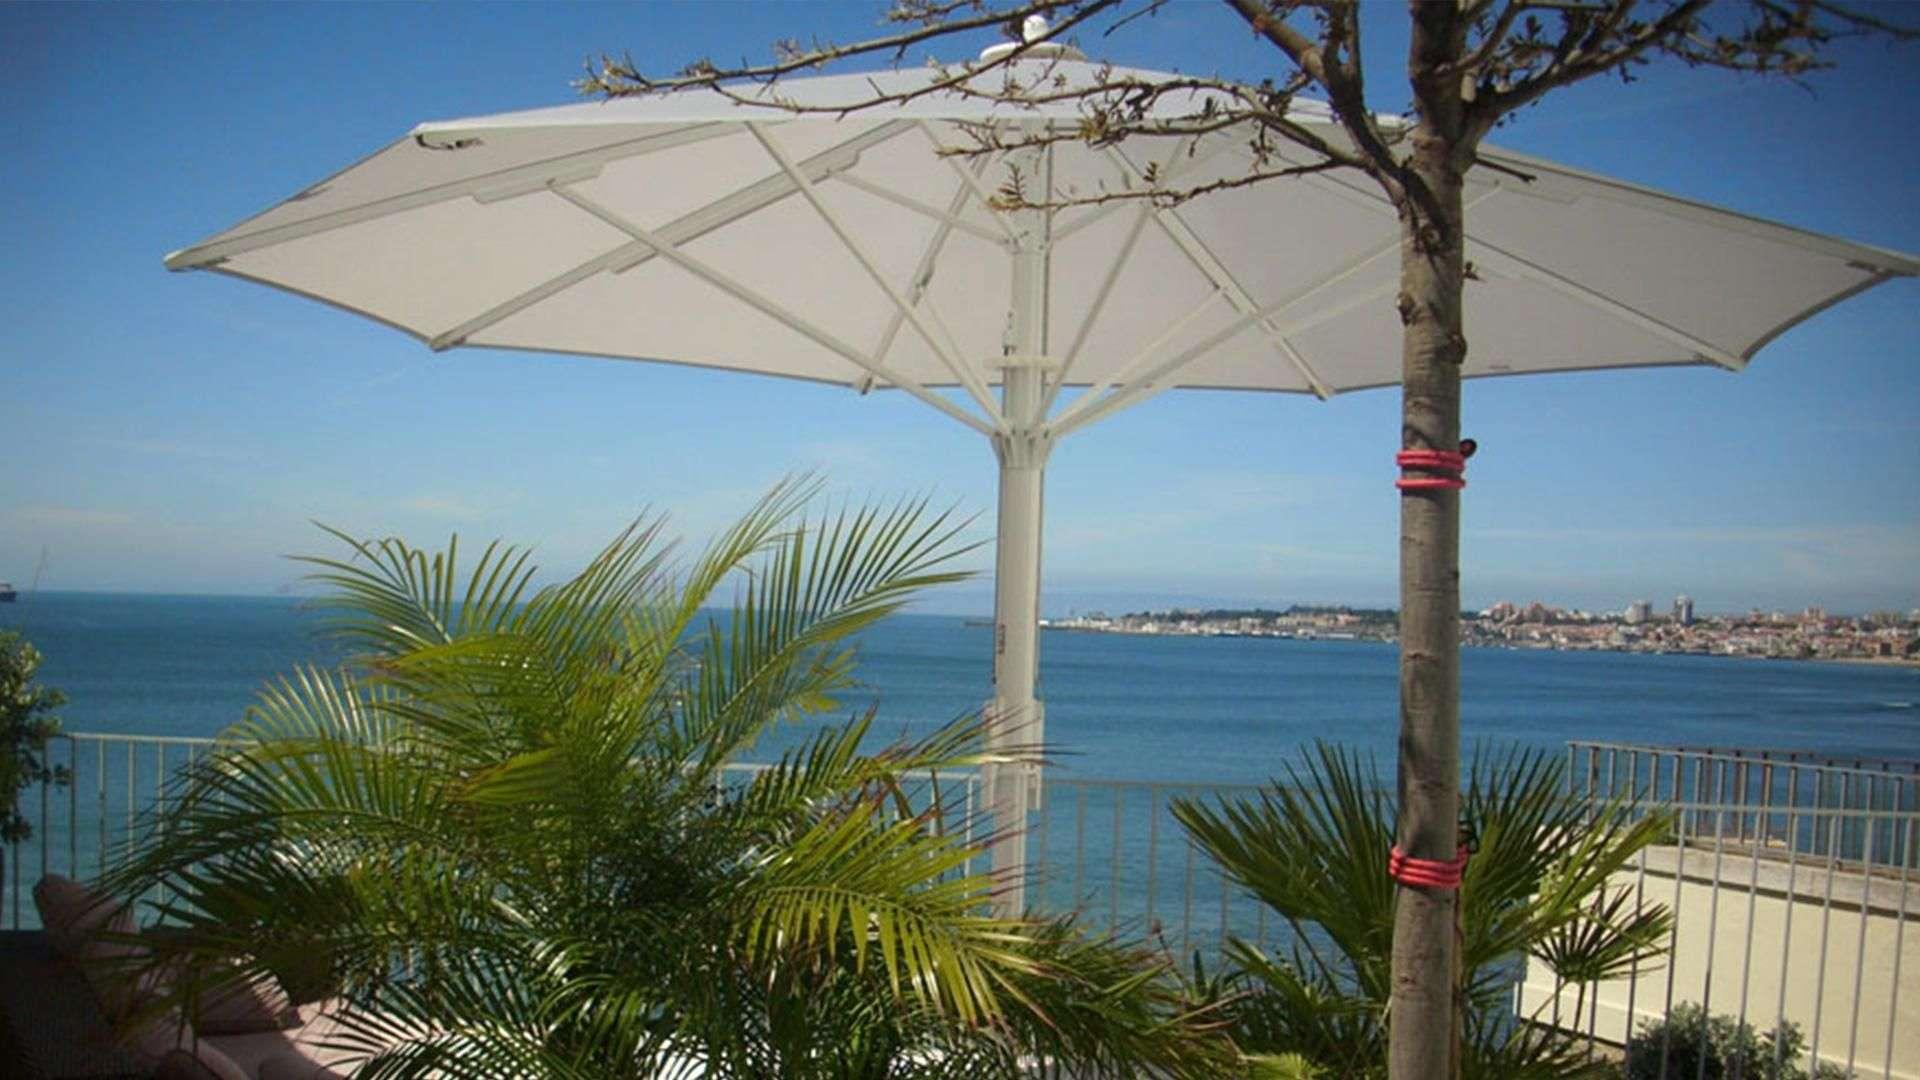 Sonnenschirm am Meer mit Palmen